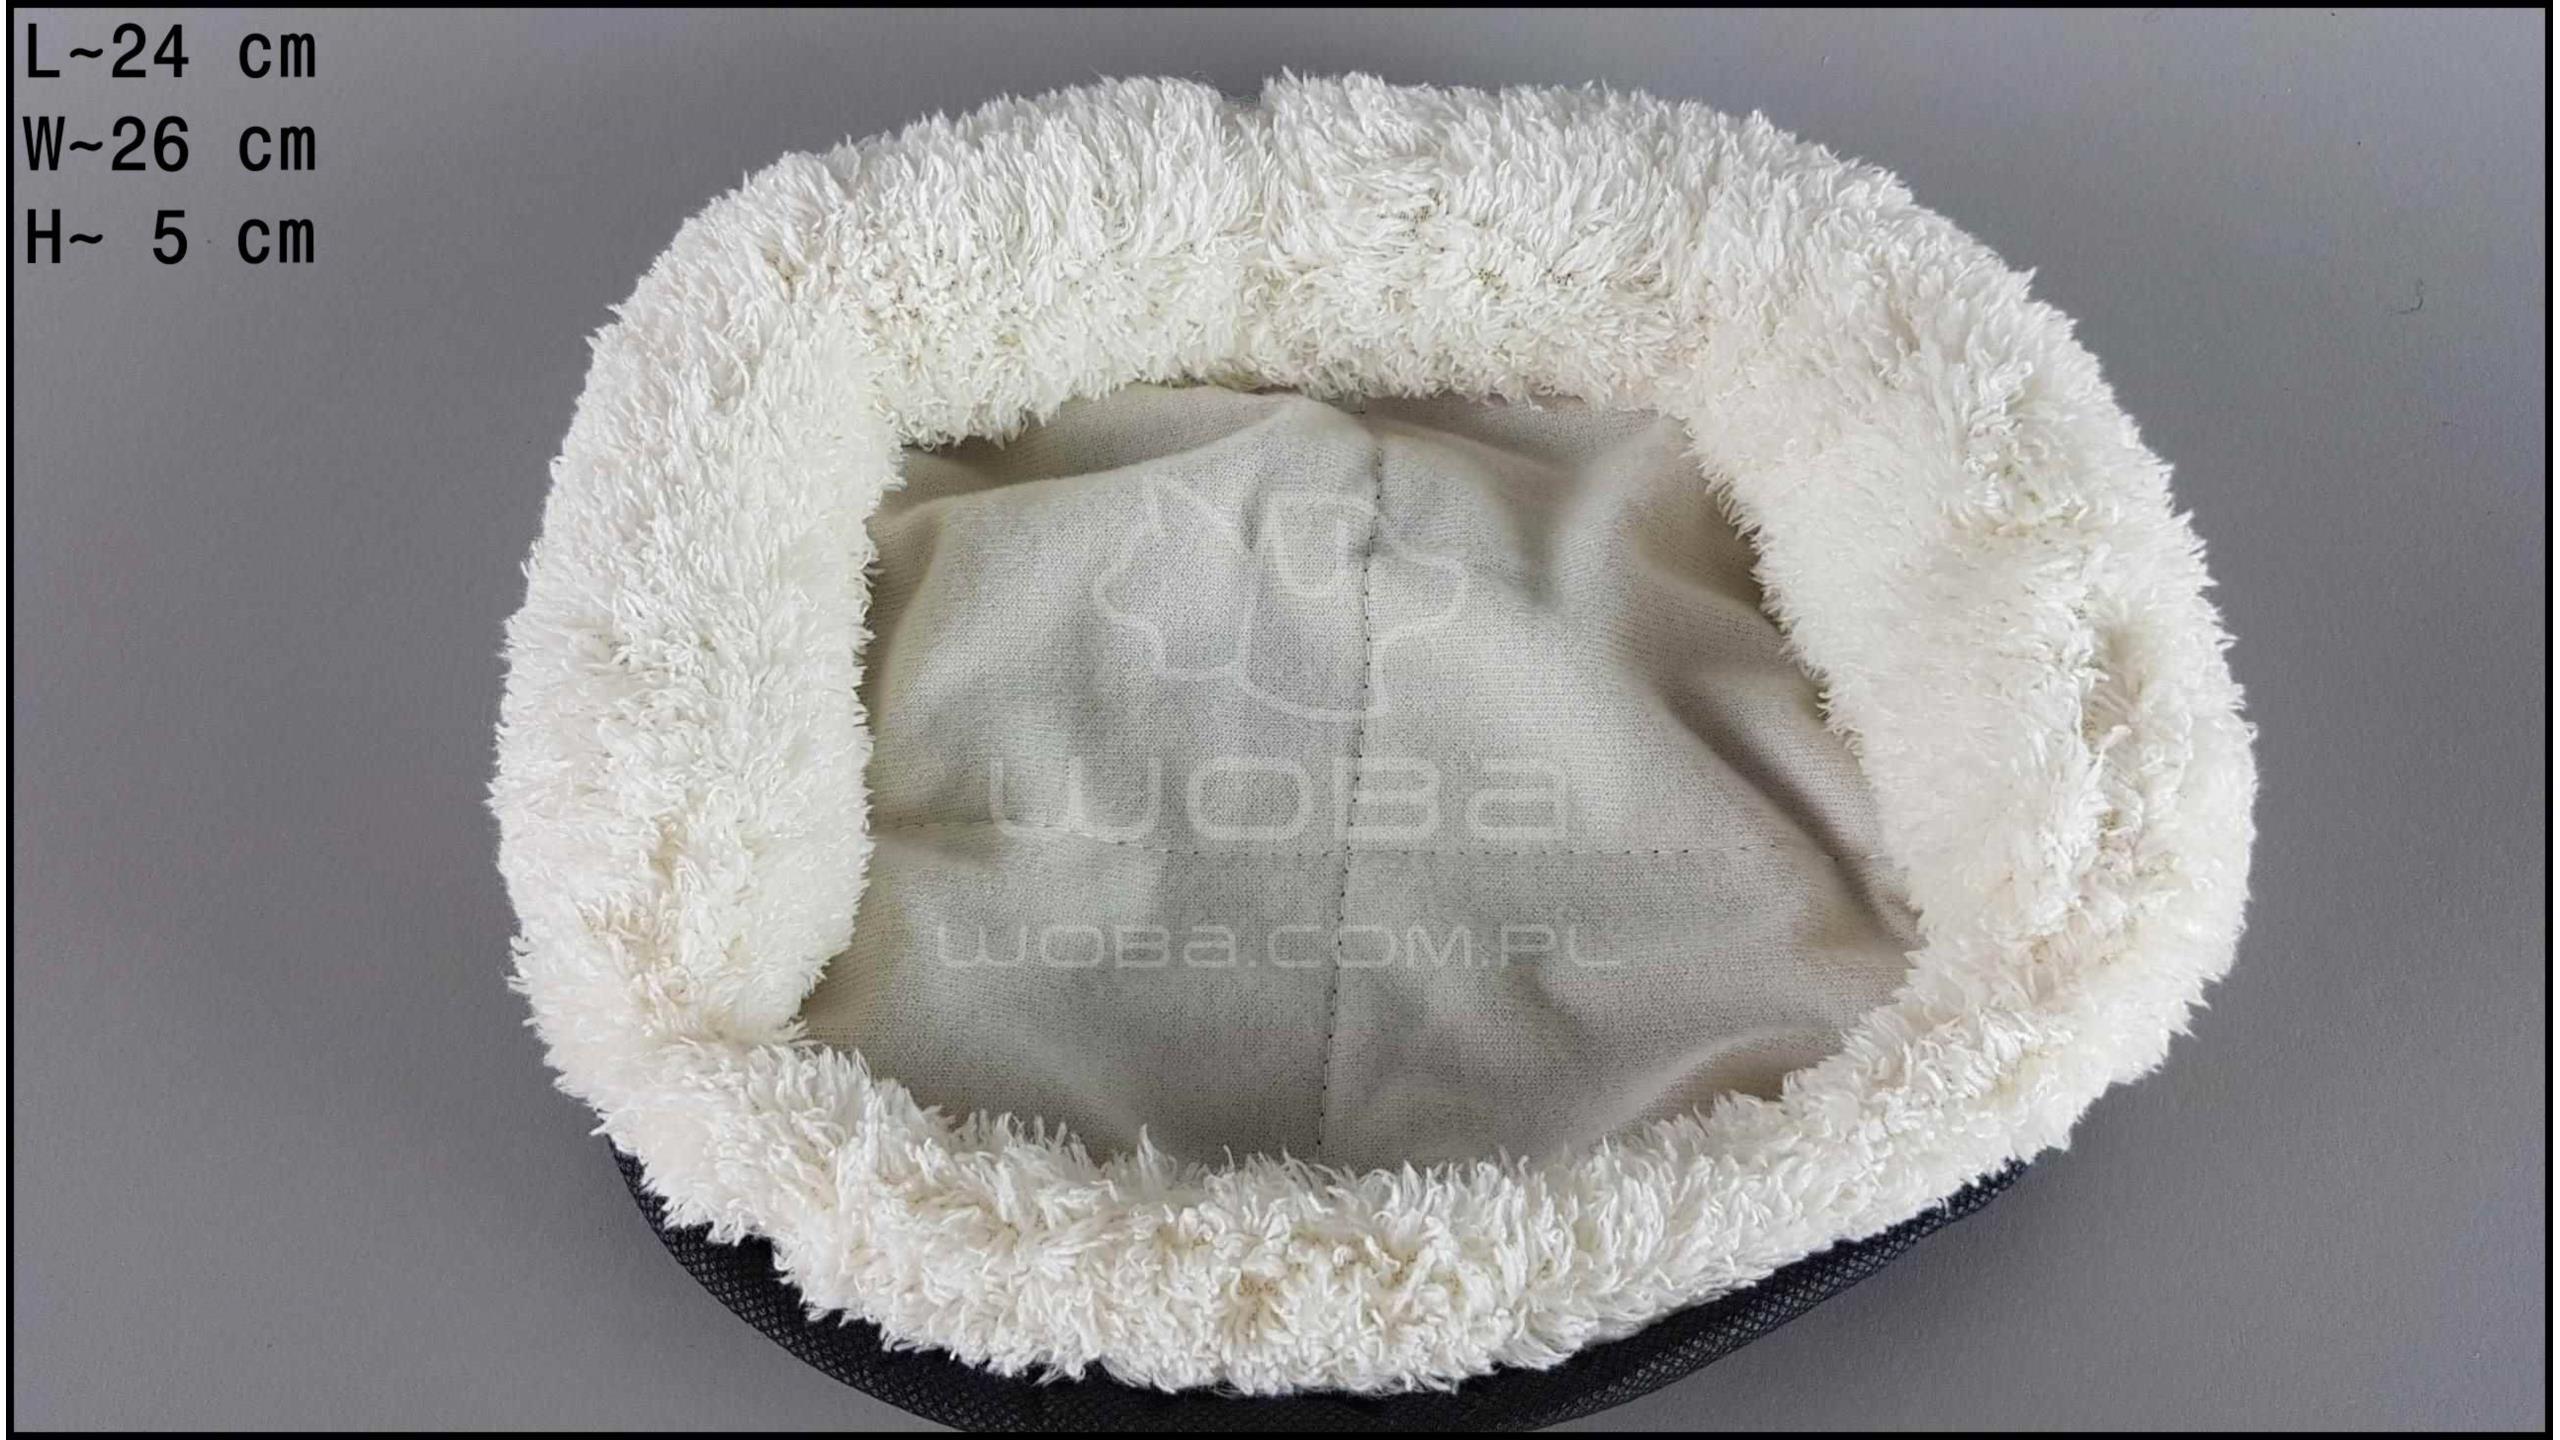 Pets' frotte cots - 25 White